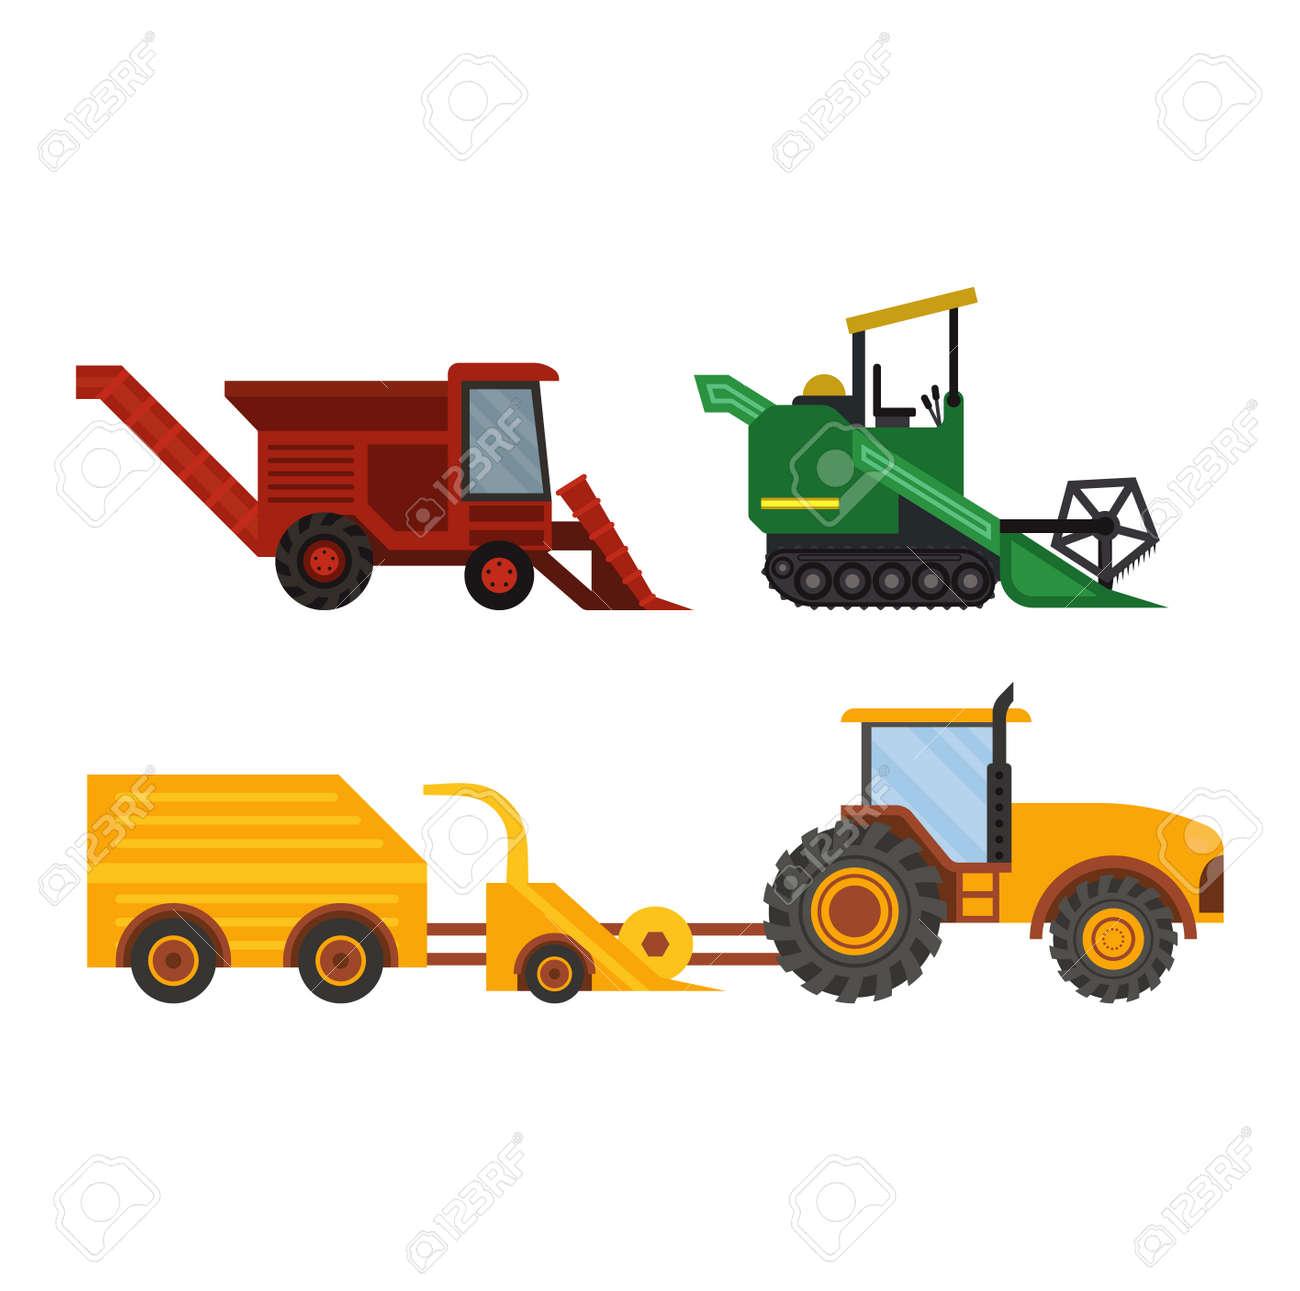 Agriculture Matériel agricole industriel, tracteurs de machines et de l'équipement combine pelles agricole, vecteur de machines de collection. ferme